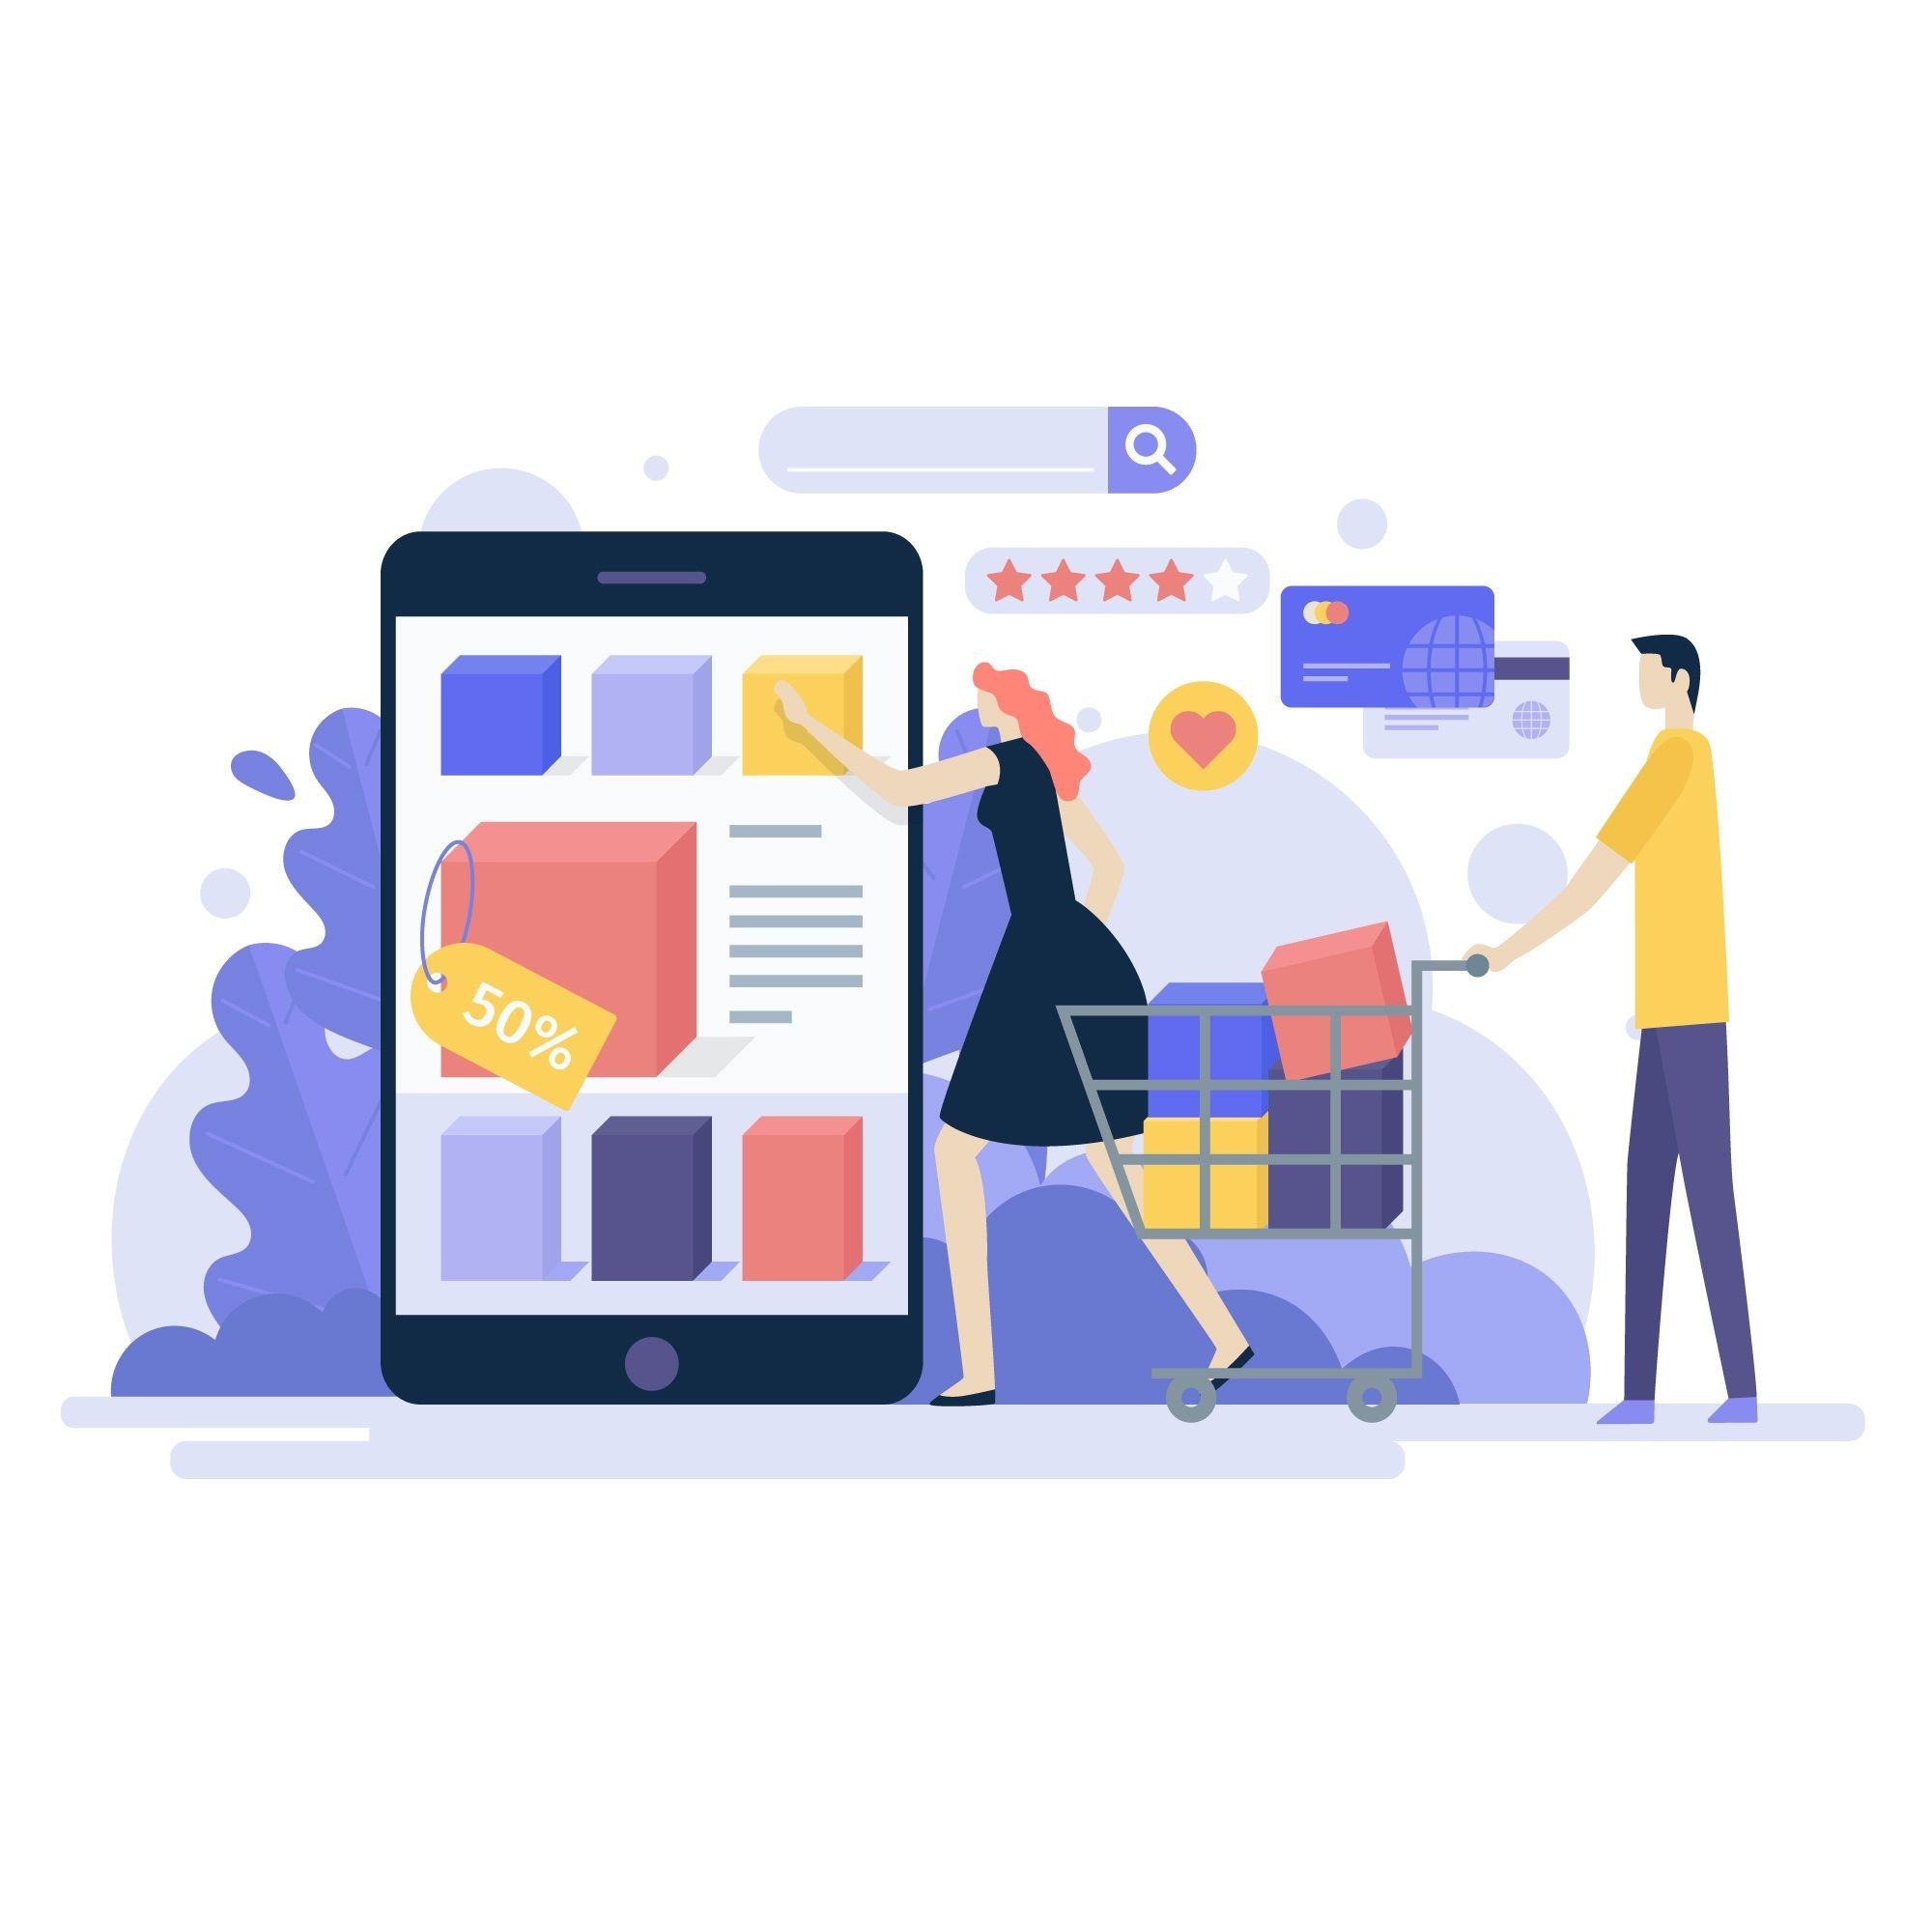 Improvises your transaction through a suitable service